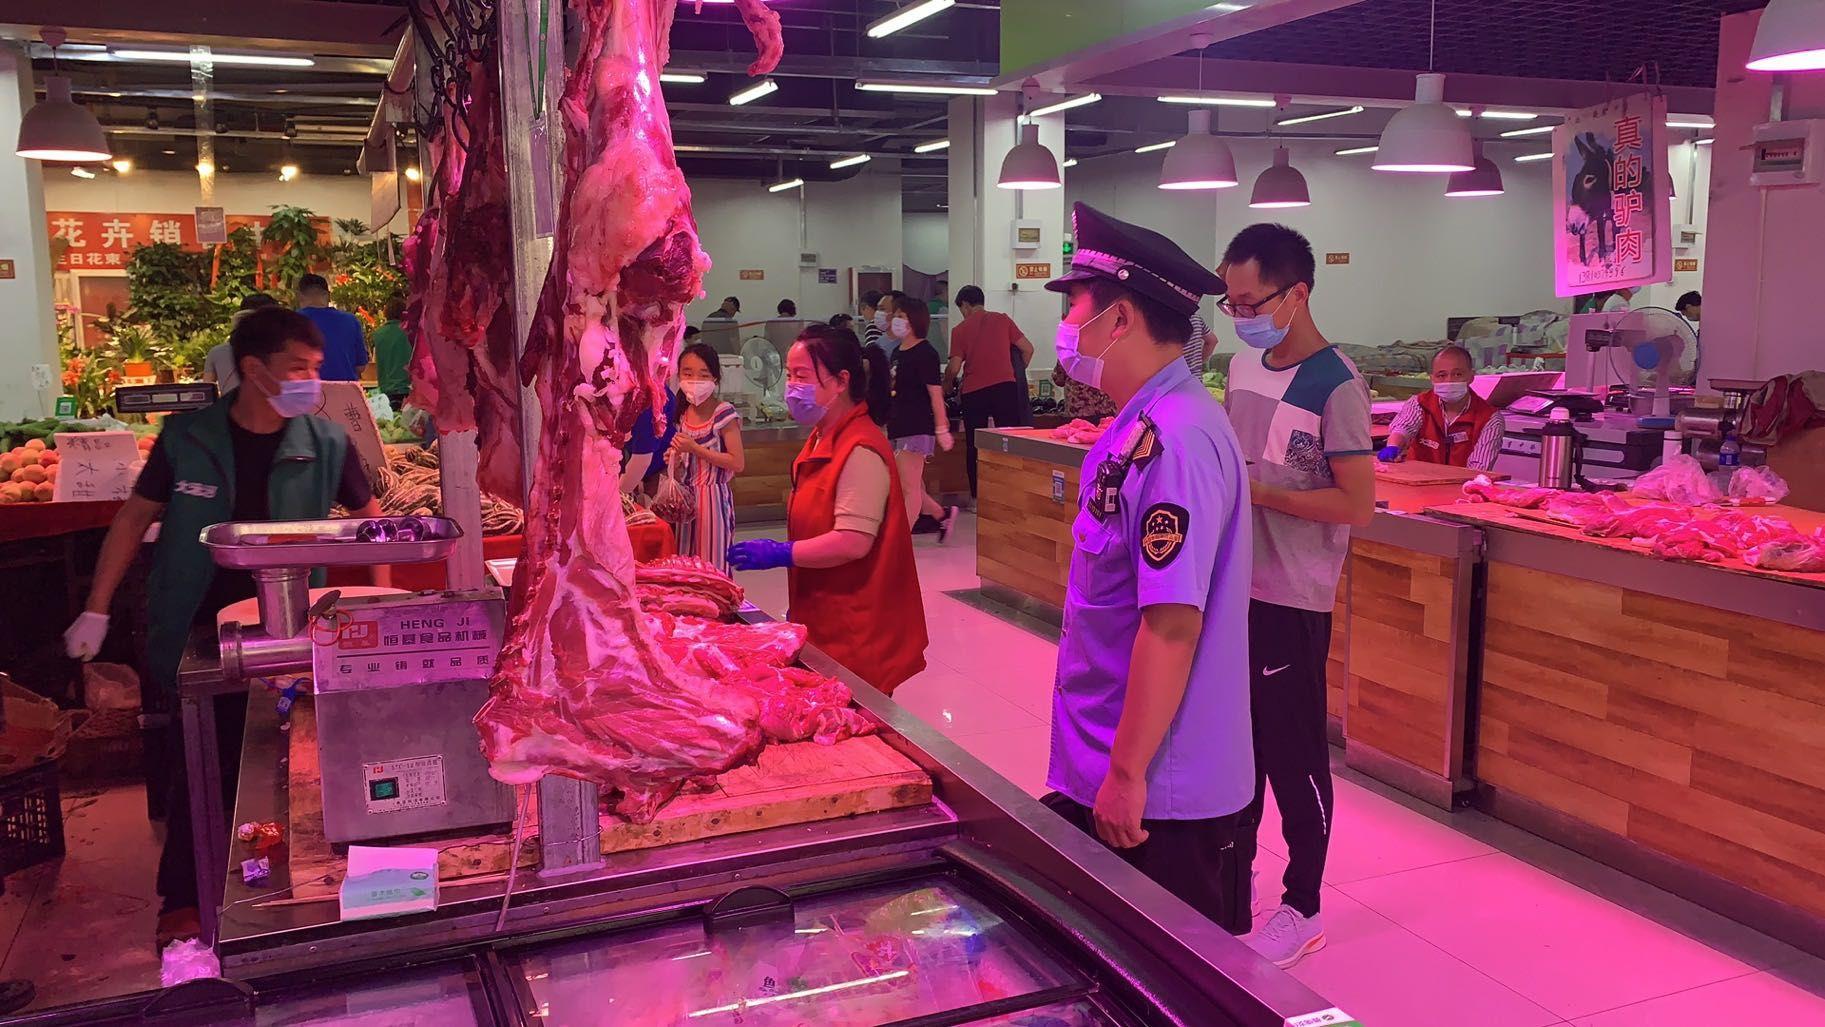 北京封存从新发地采购的肉类、海鲜,对销售场所环境采样